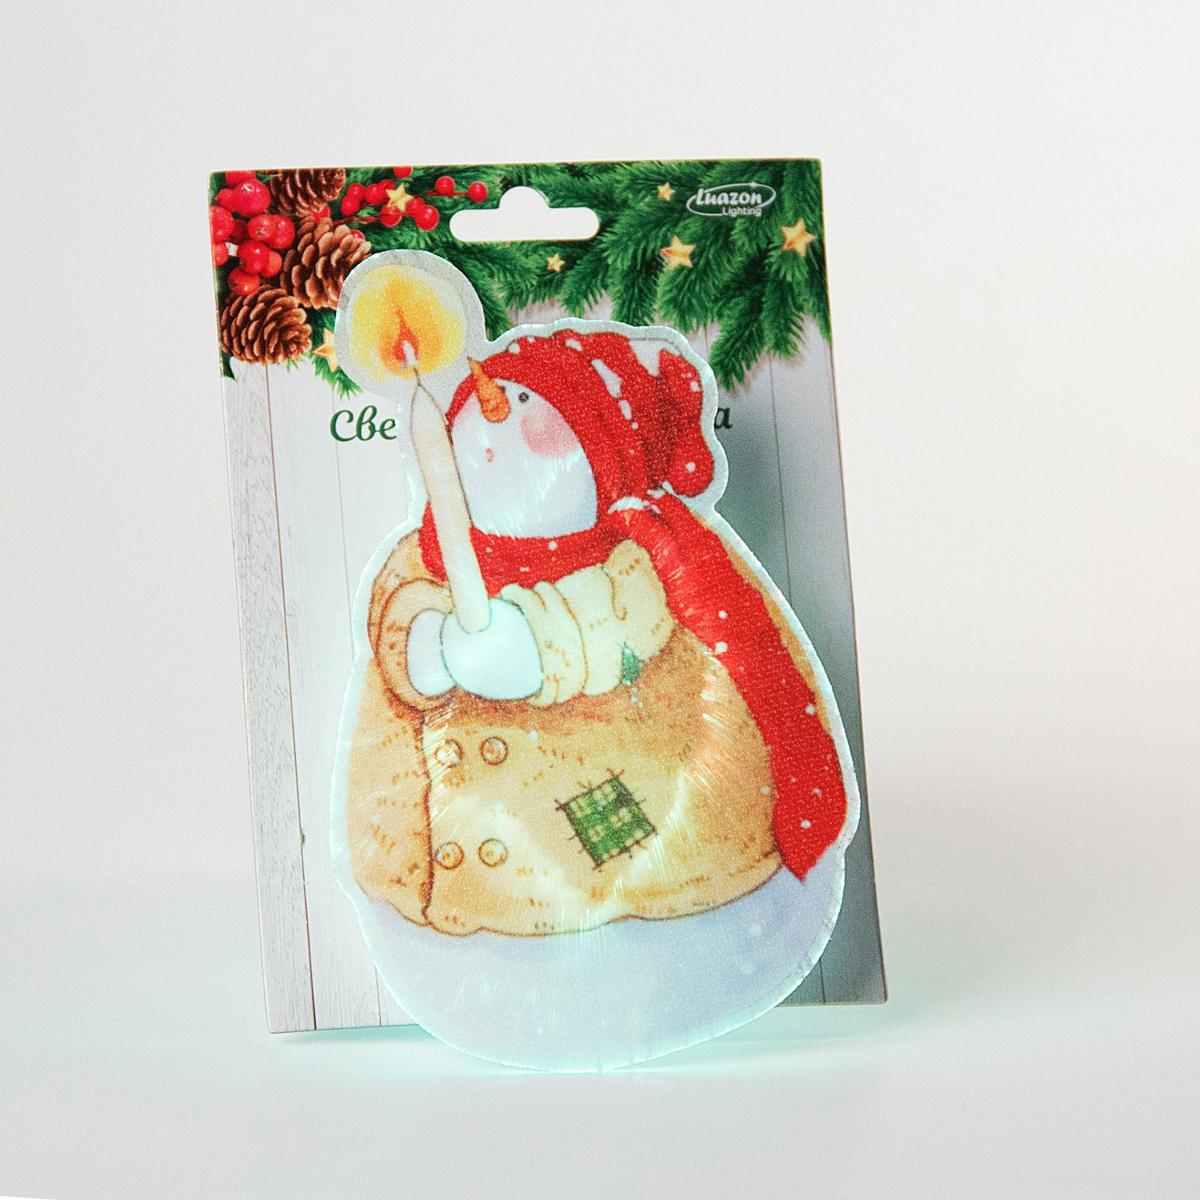 Картинка световая Luazon Снеговик рождественский, на магните2364025Невозможно представить себе современный мир без электроприборов. Благодаря качественным материалам и работе дизайнеров они способны сделать нашу жизнь комфортнее и порадовать глаз. Световые картинки - это прекрасный выбор, если вы находитесь в поиске товара, который идеально впишется в ежедневную жизнь и прослужит долго.